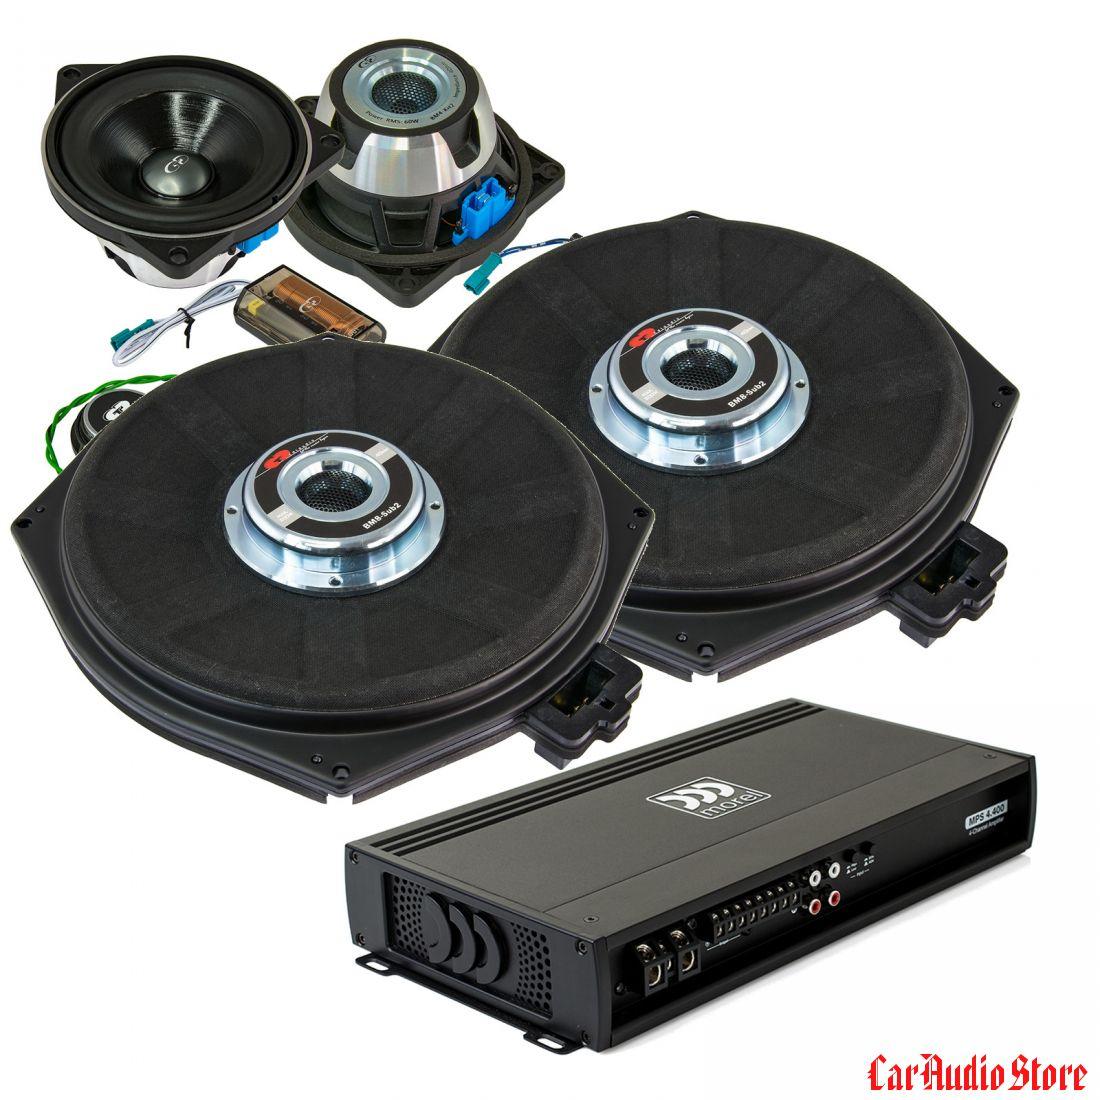 Base Kit Plus CDT Audio 2.1 (MOREL)